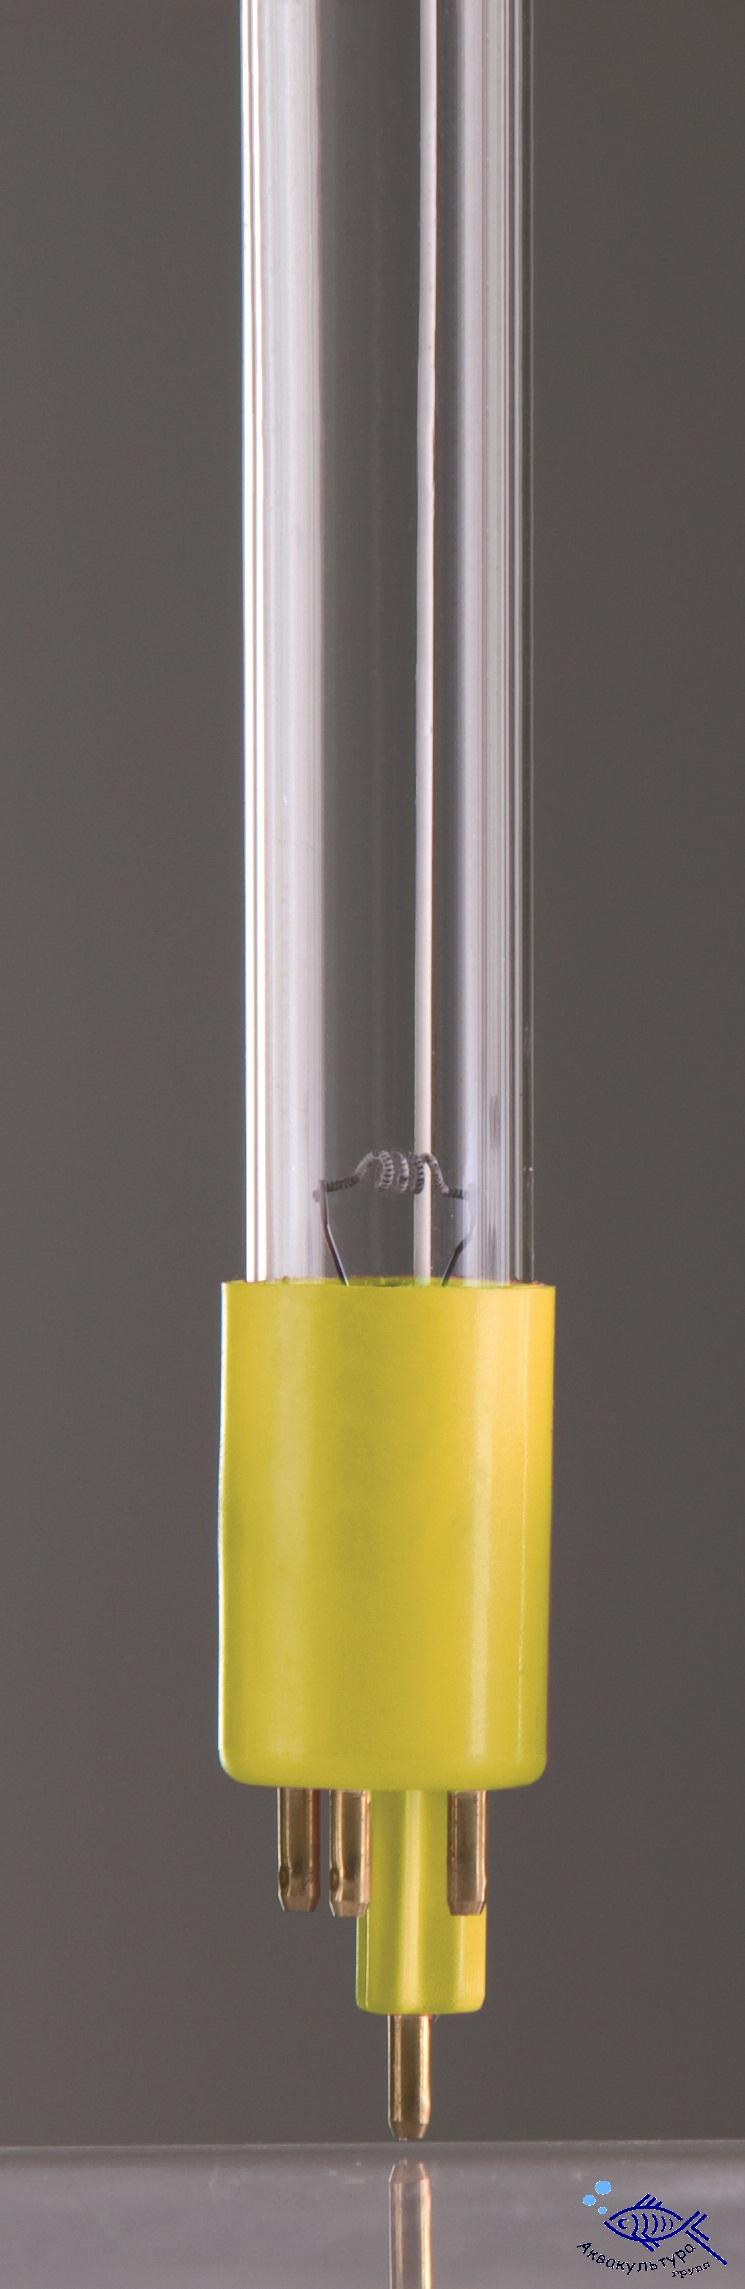 Запасные части AOP COMPACT OZONE + УФ-стерилизатор низкого давления для солёной воды